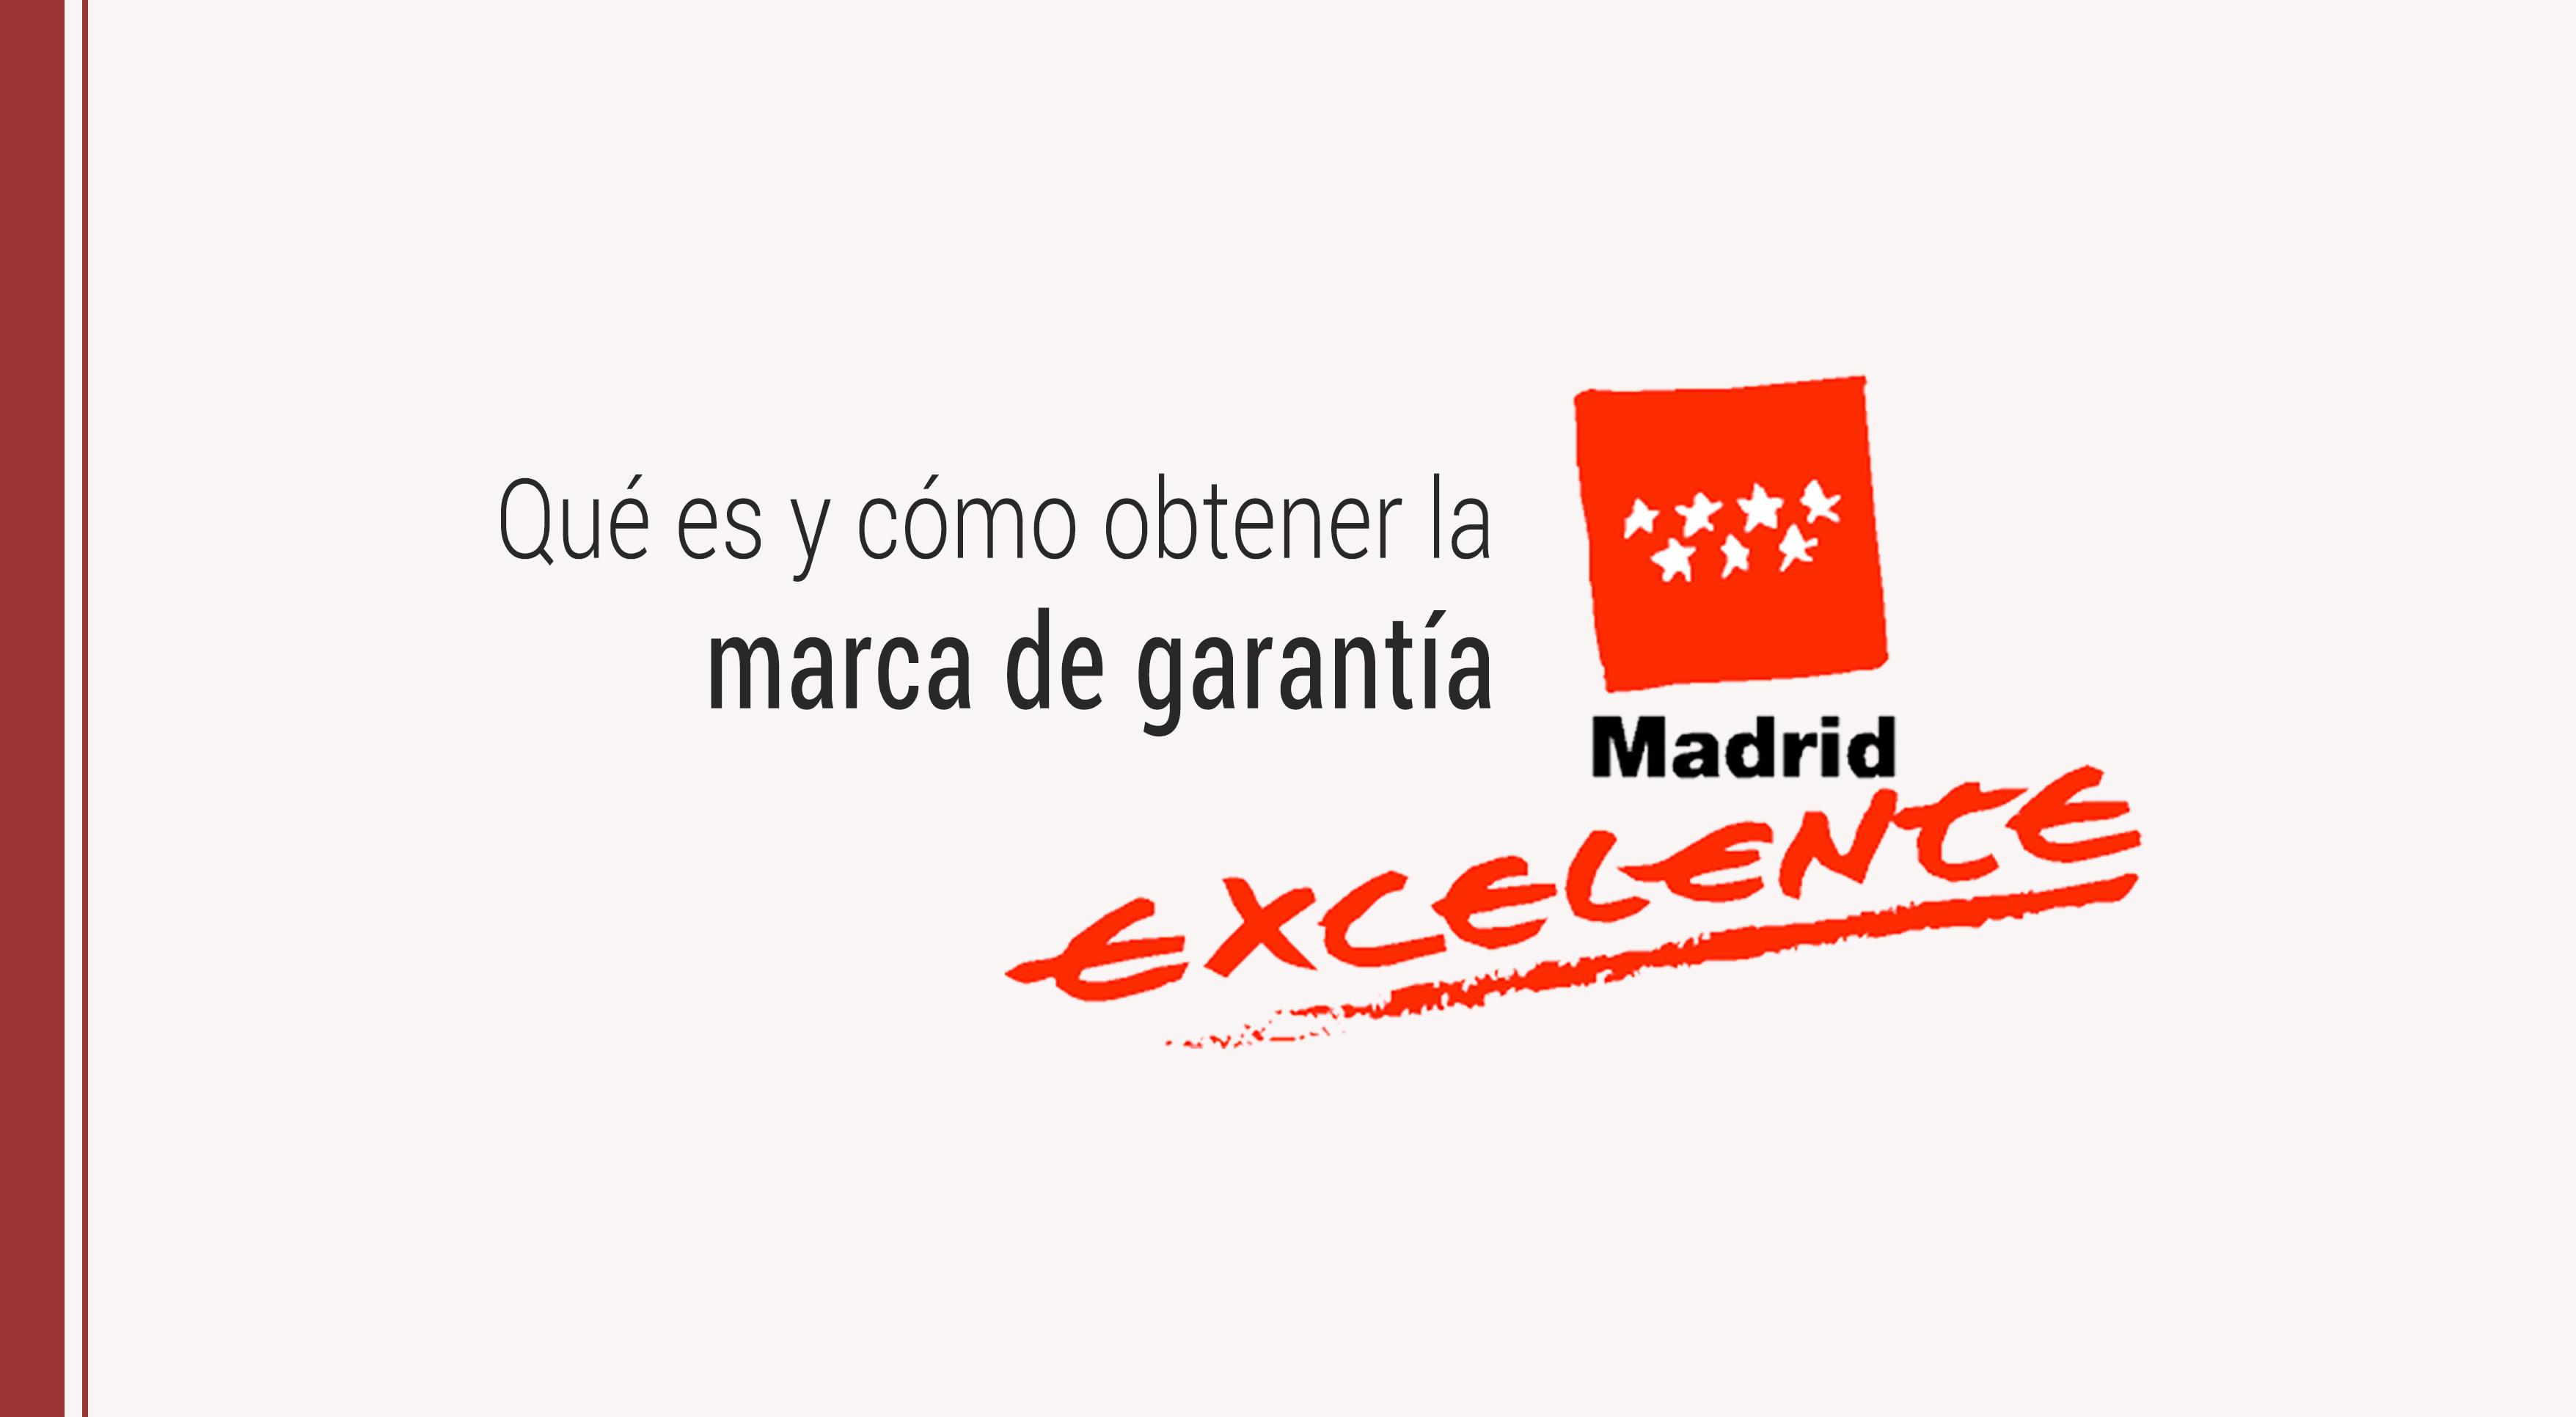 madrid-excelente-que-es-como-obtener-la-marca Madrid Excelente: qué es y cómo obtener la marca